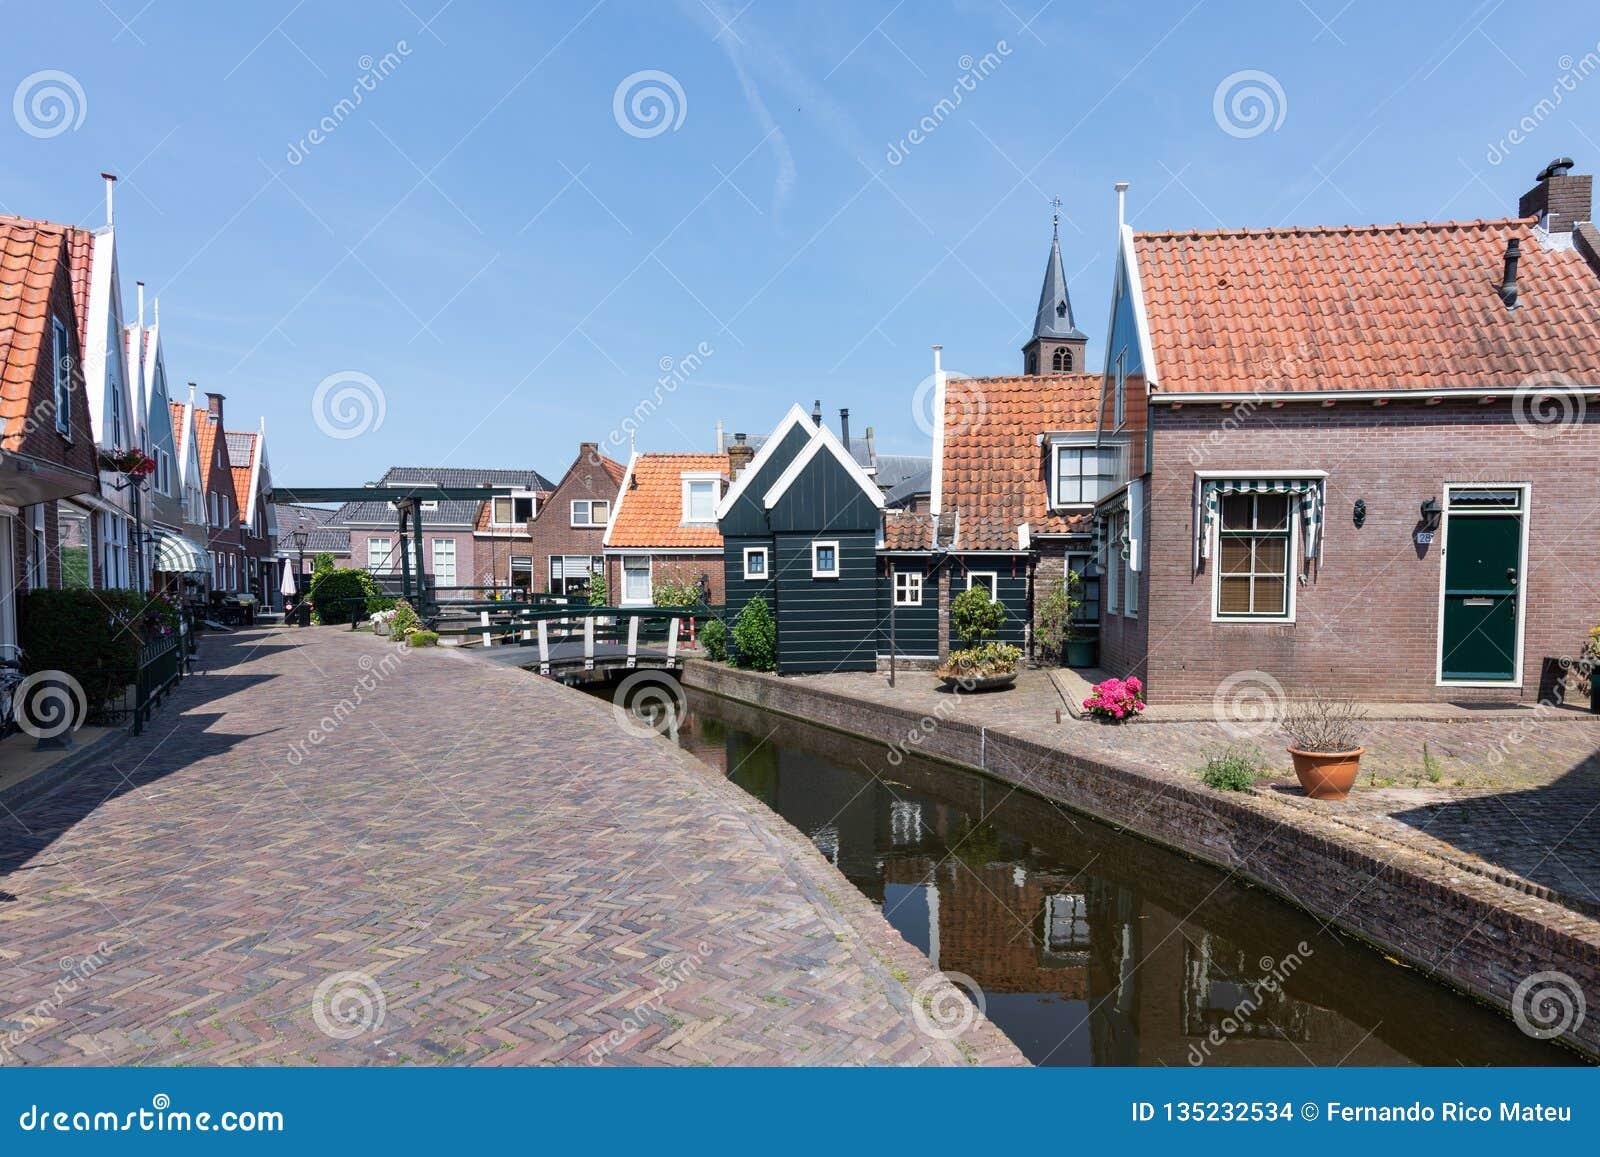 福伦丹街道和运河好日子和天空蔚蓝的 荷兰,欧洲